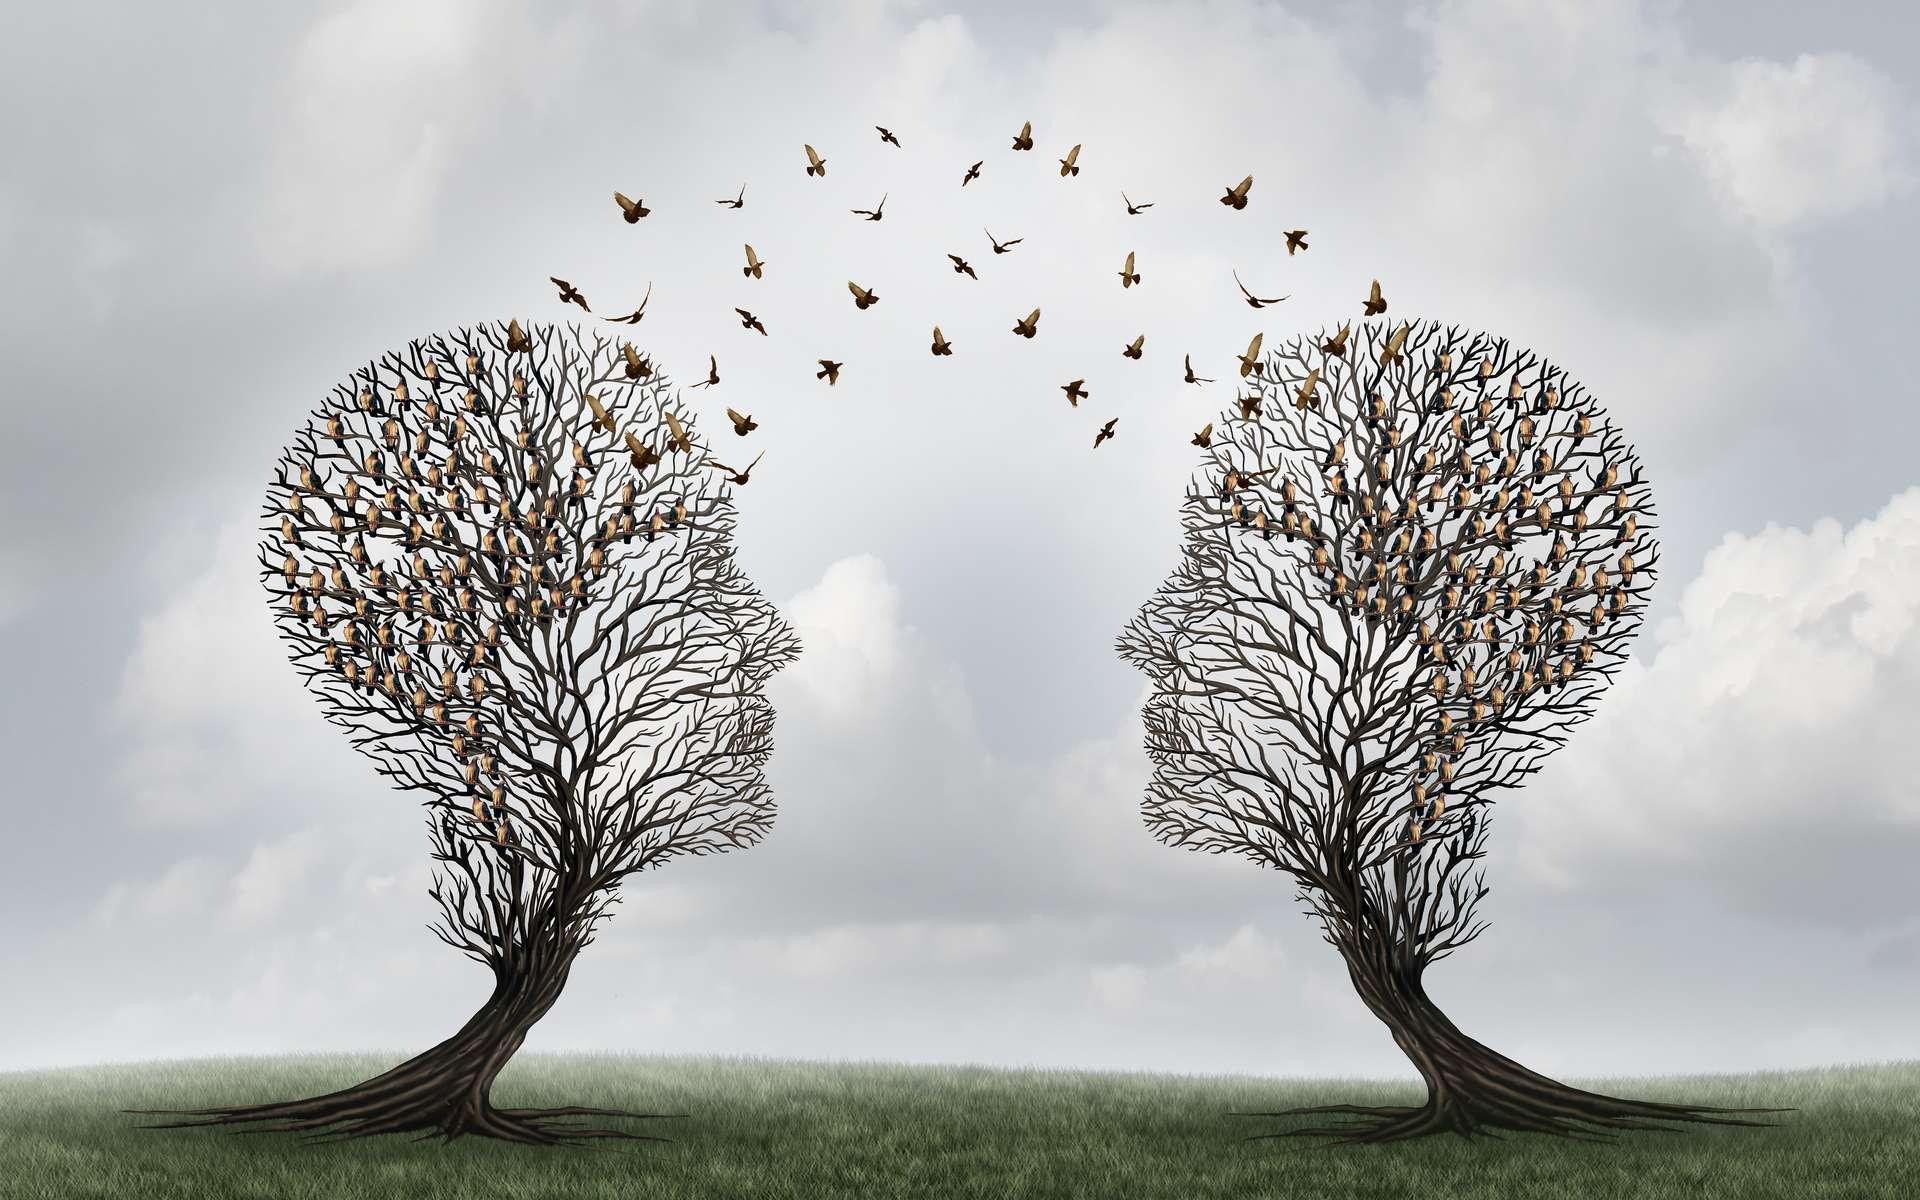 Les sons naturels prennent soin de notre bien-être. © Freshidea, Adobe Stock